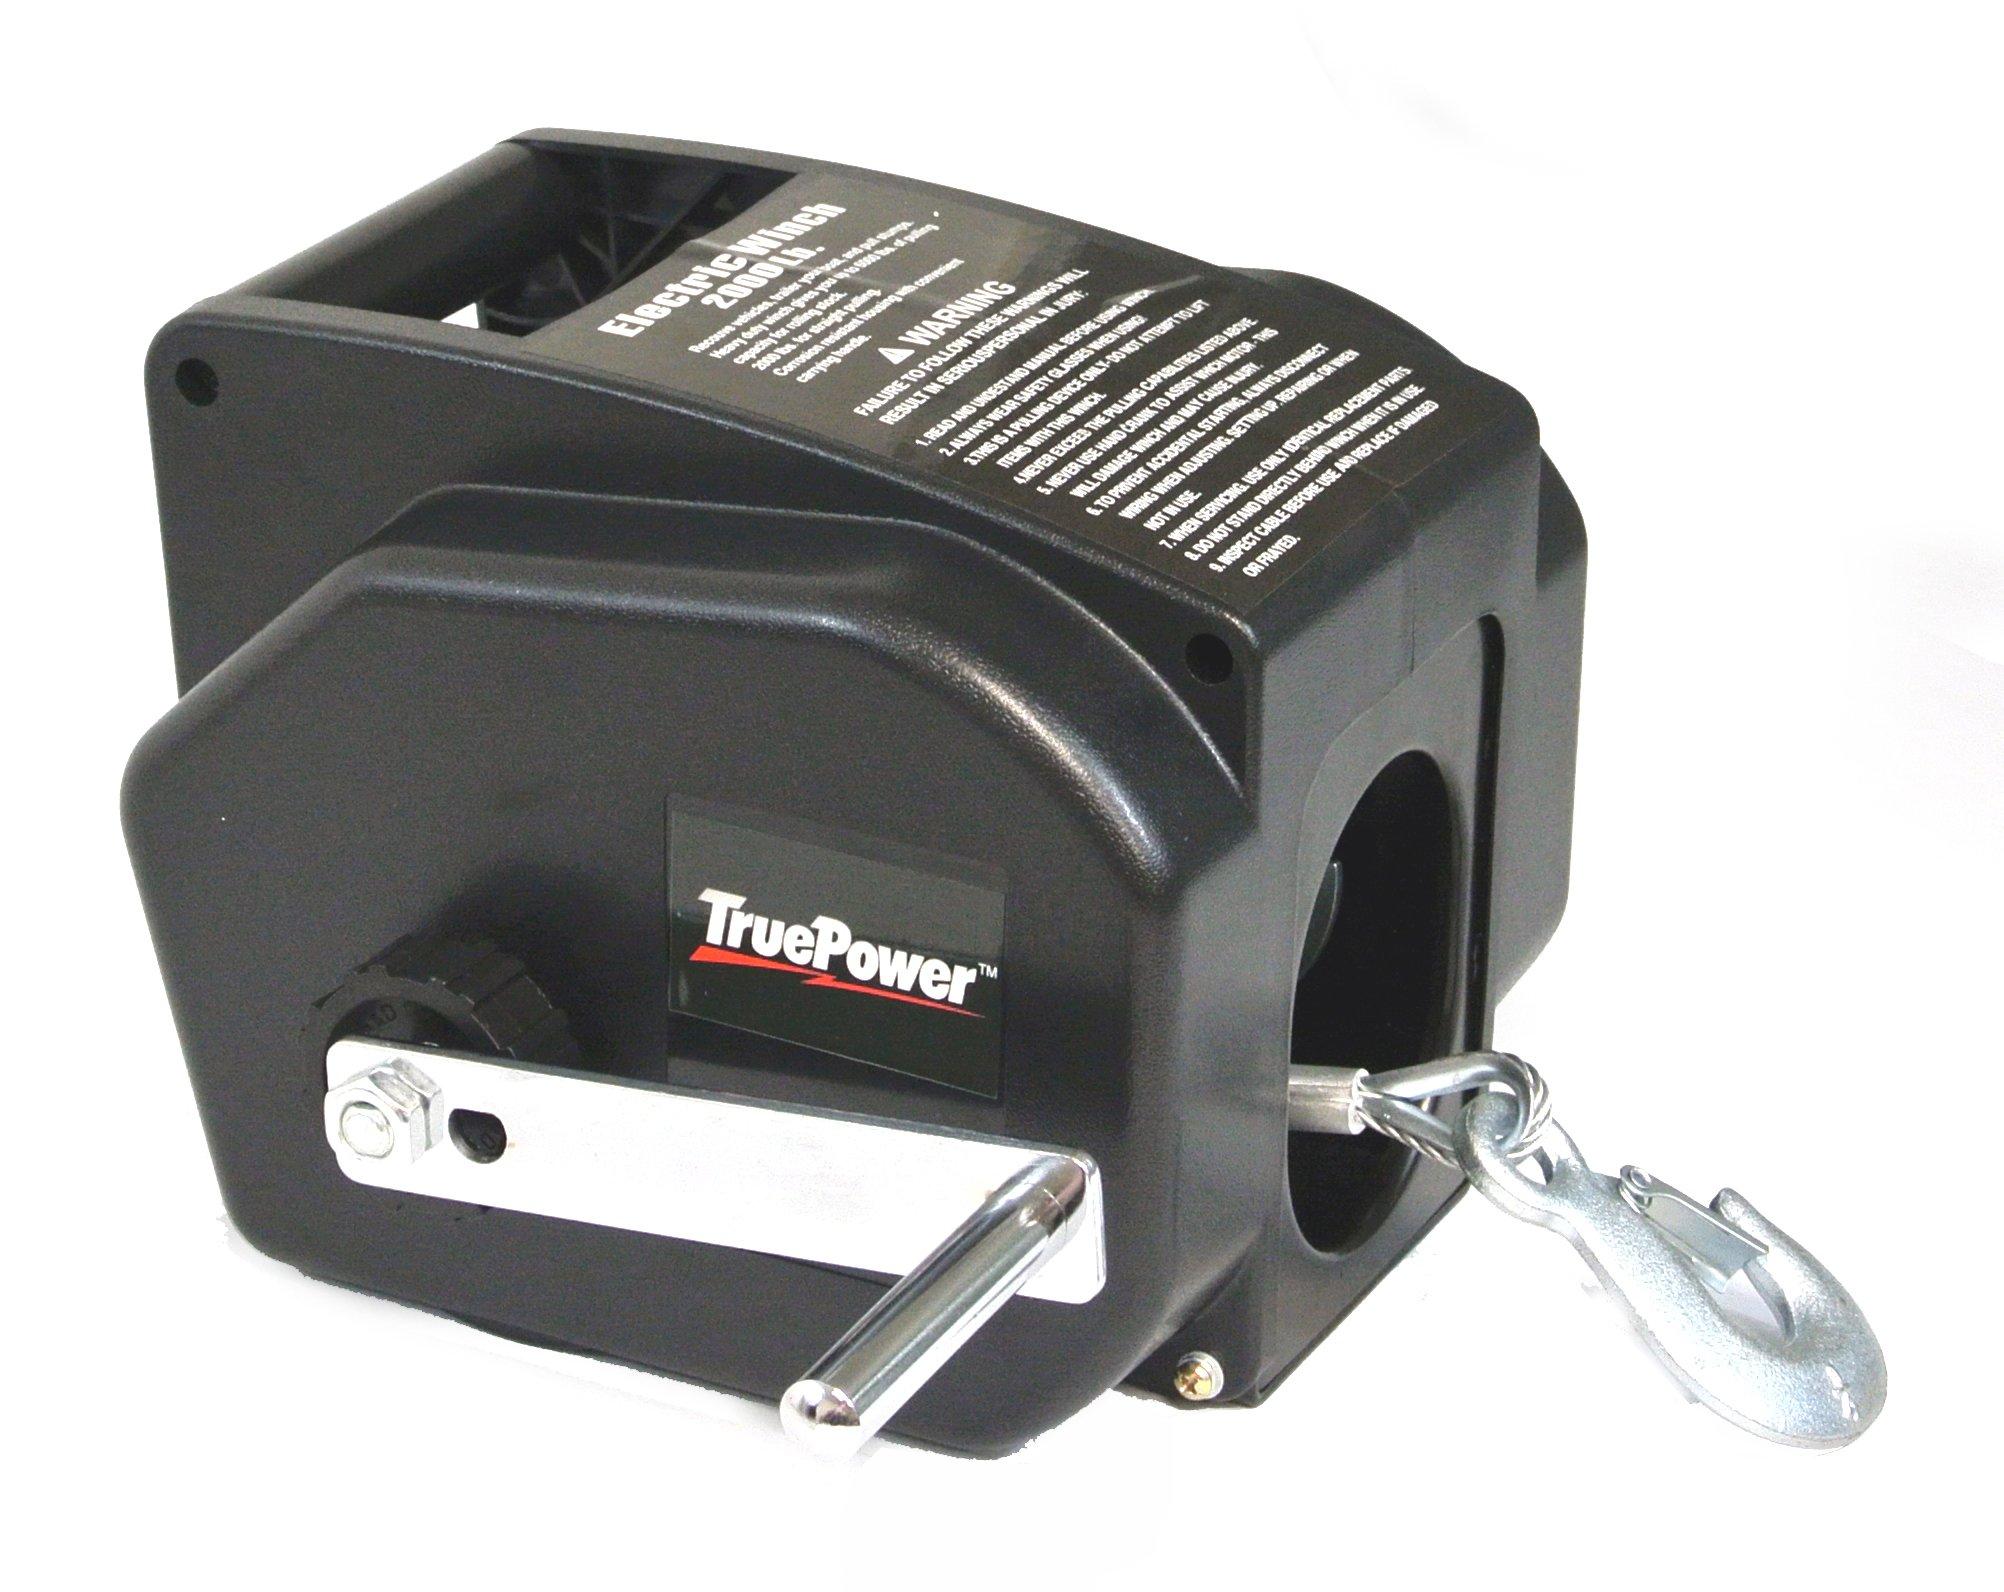 TruePower 40-4003 12V DC Portable Winch with Wireless Remote Control (2000 lb Line, 5000 lb Boat)